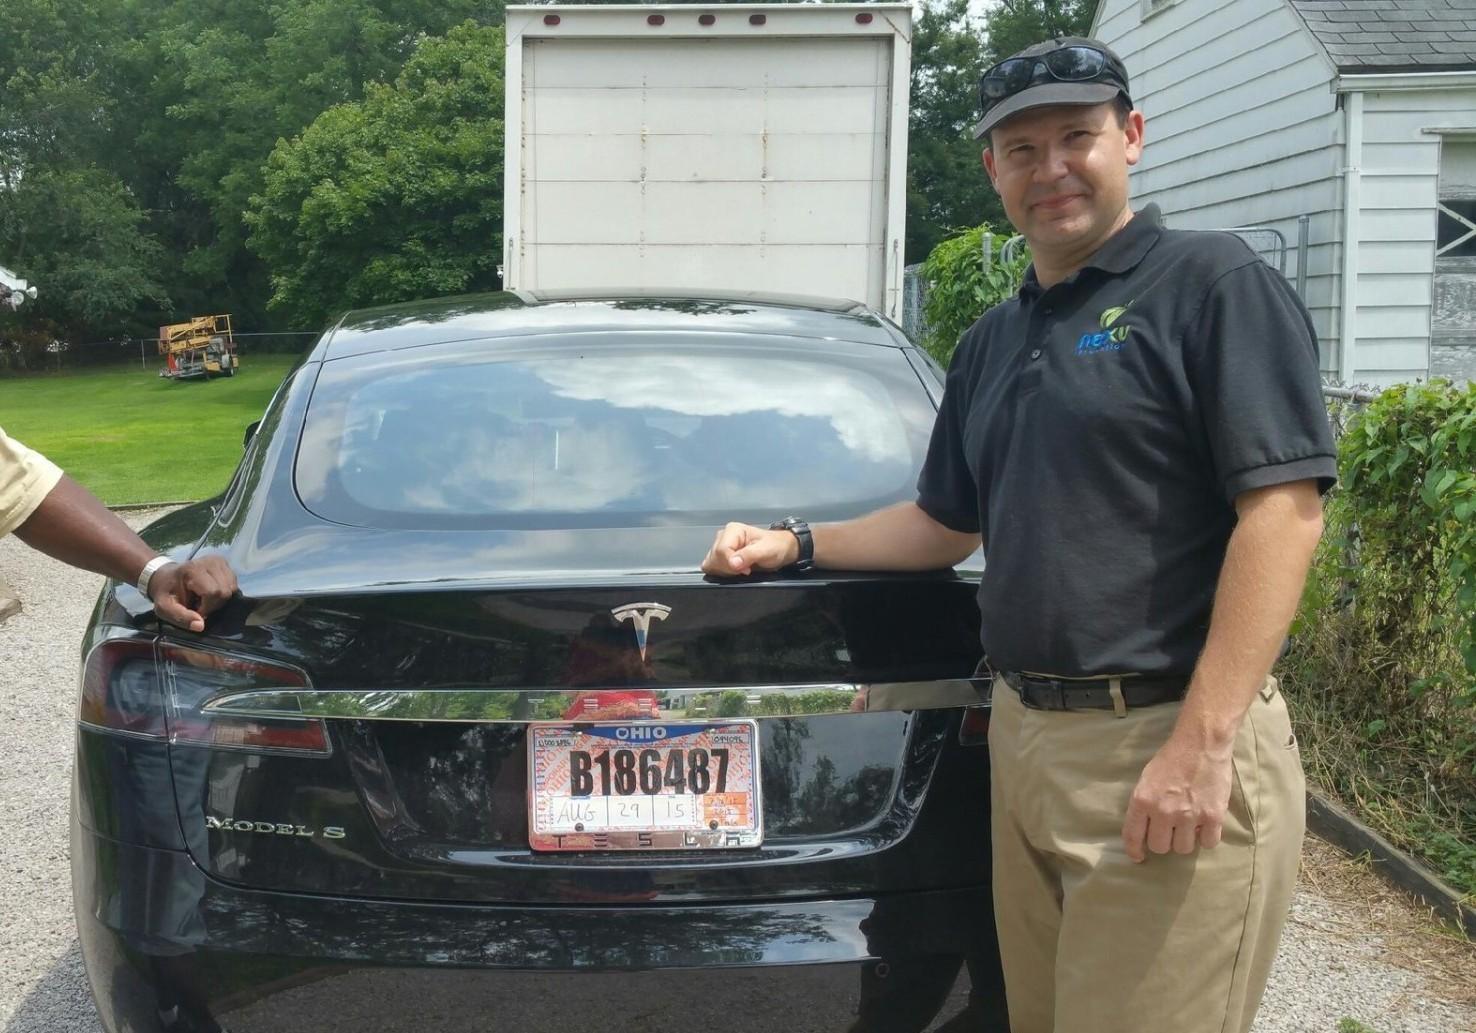 Компьютерный гик Джошуа Браун любил свою Tesla и ласково называл её Тесси